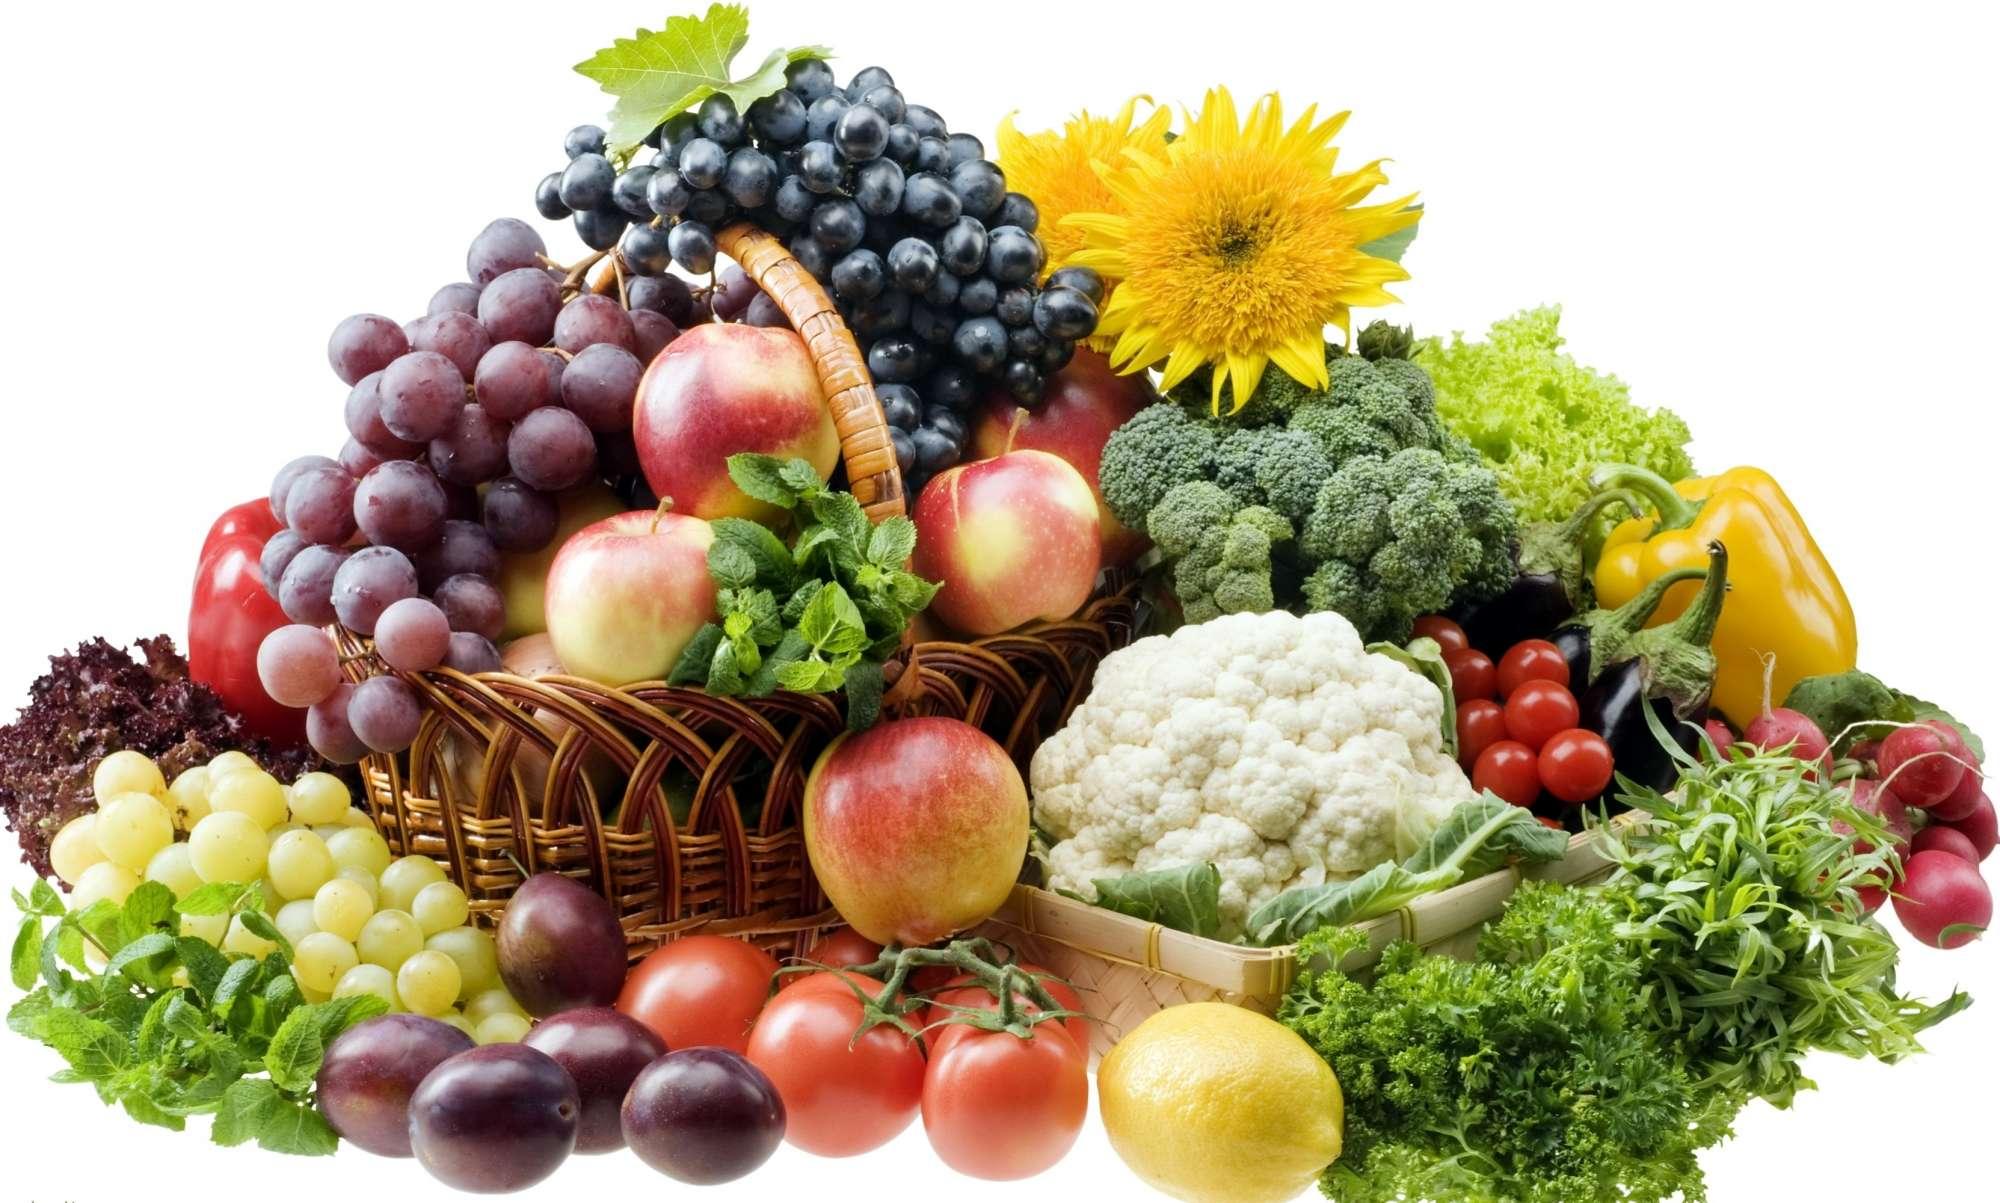 овощи и фрукты при запоре